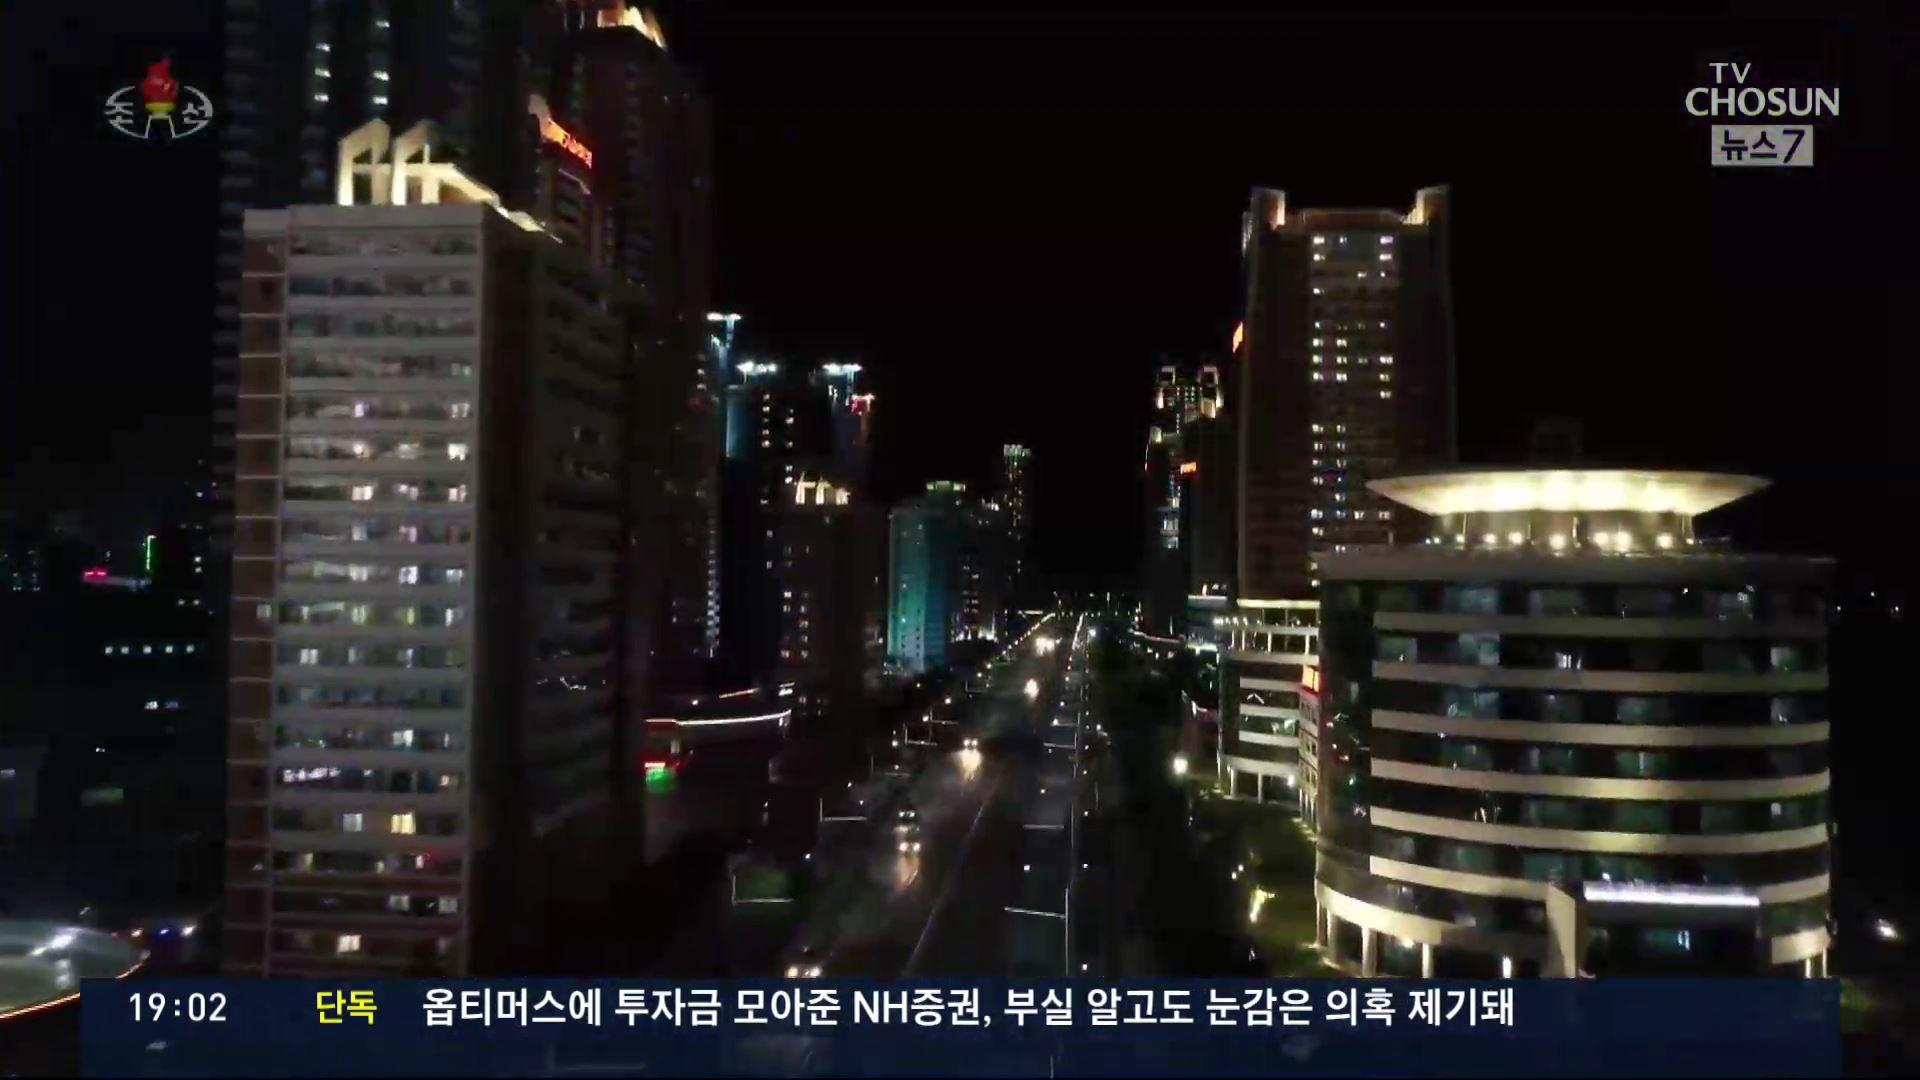 北 사상 첫 '야간 열병식'…조금전 오후 7시 방송 시작